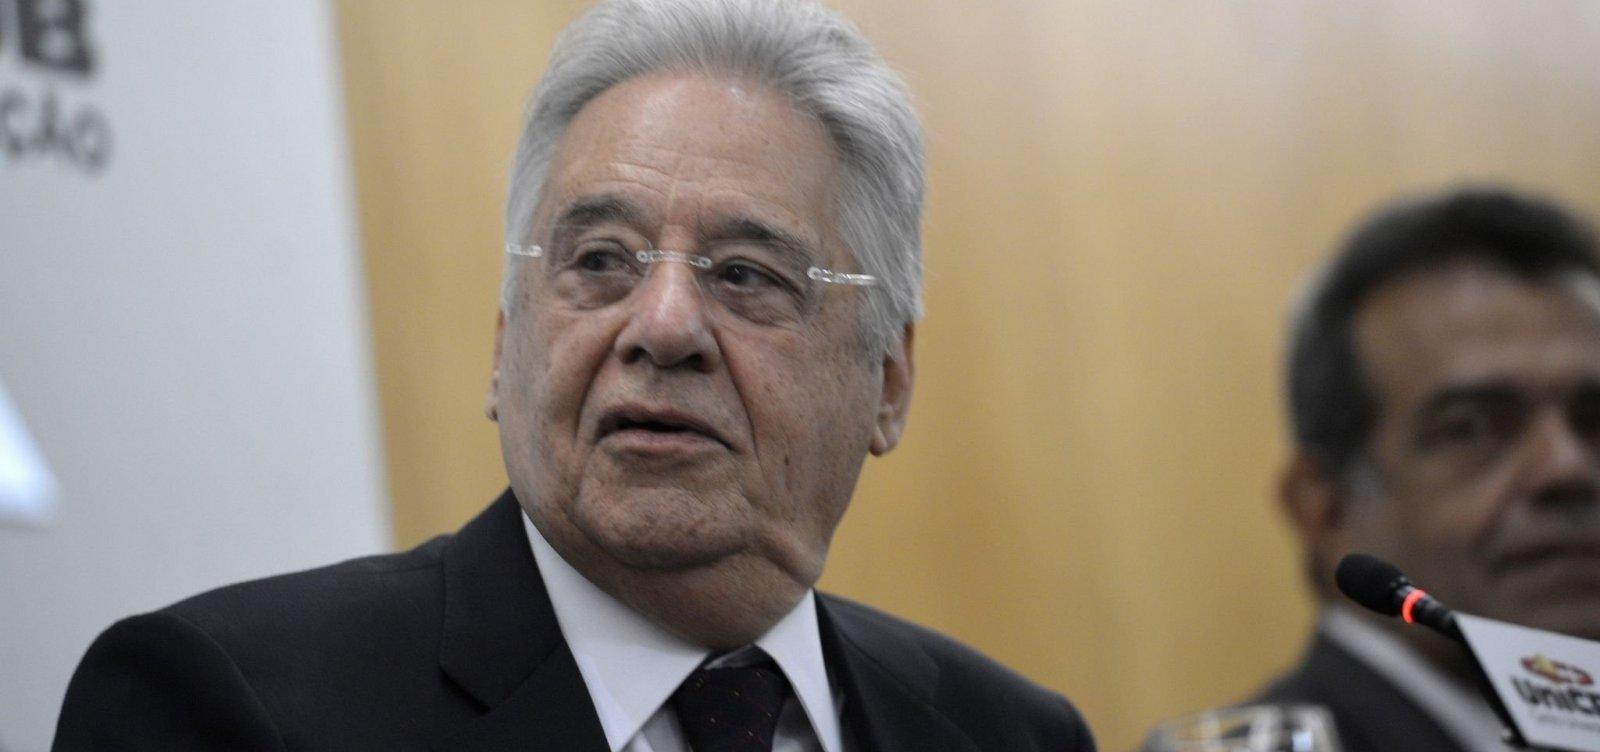 [Uso da força na Venezuela teria 'custo muito elevado', avalia FHC]